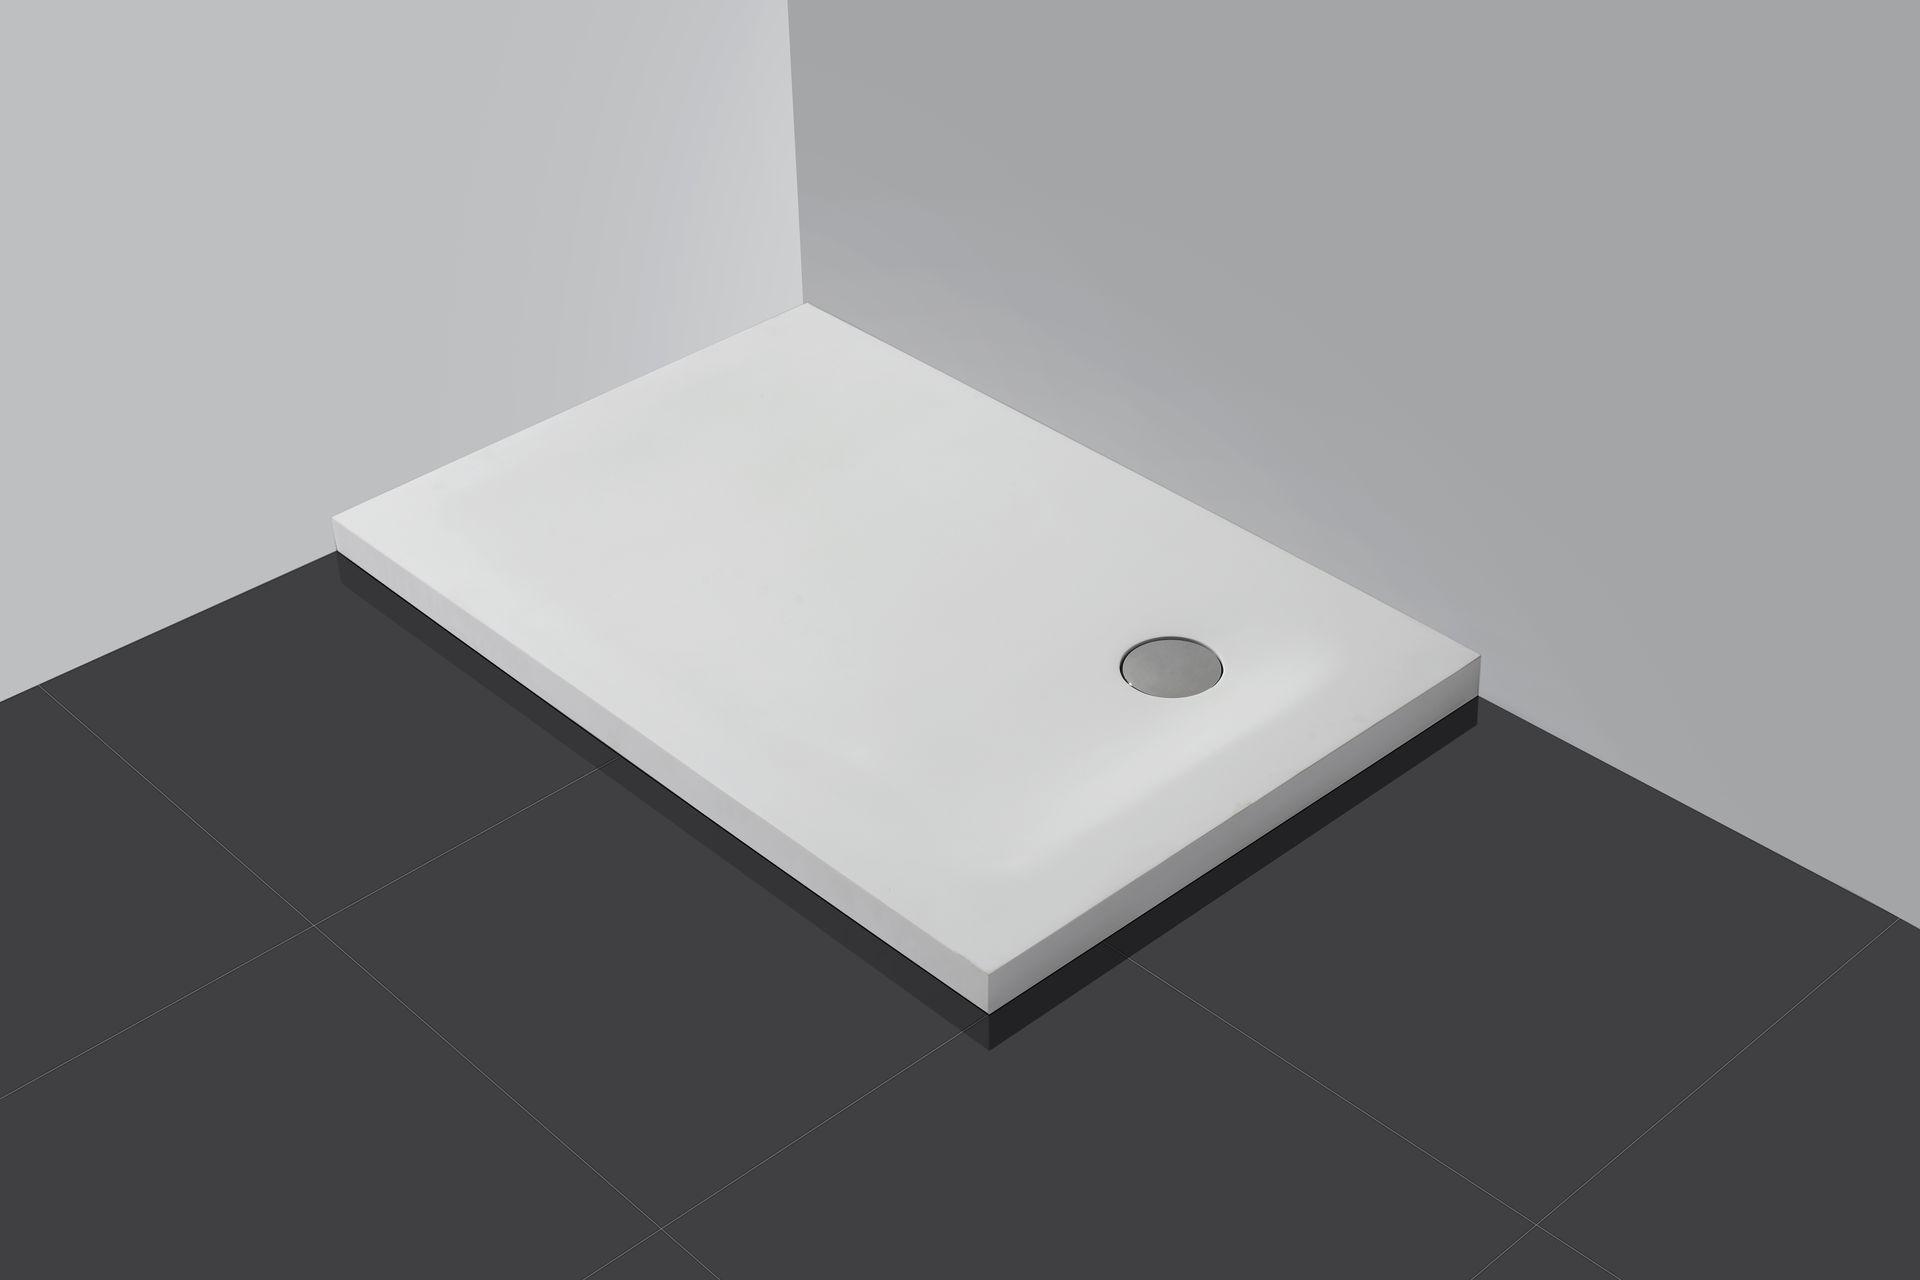 50 mm flache Mineralguss Duschtasse 90 x 75 cm Duschwanne Dusche Naturstein